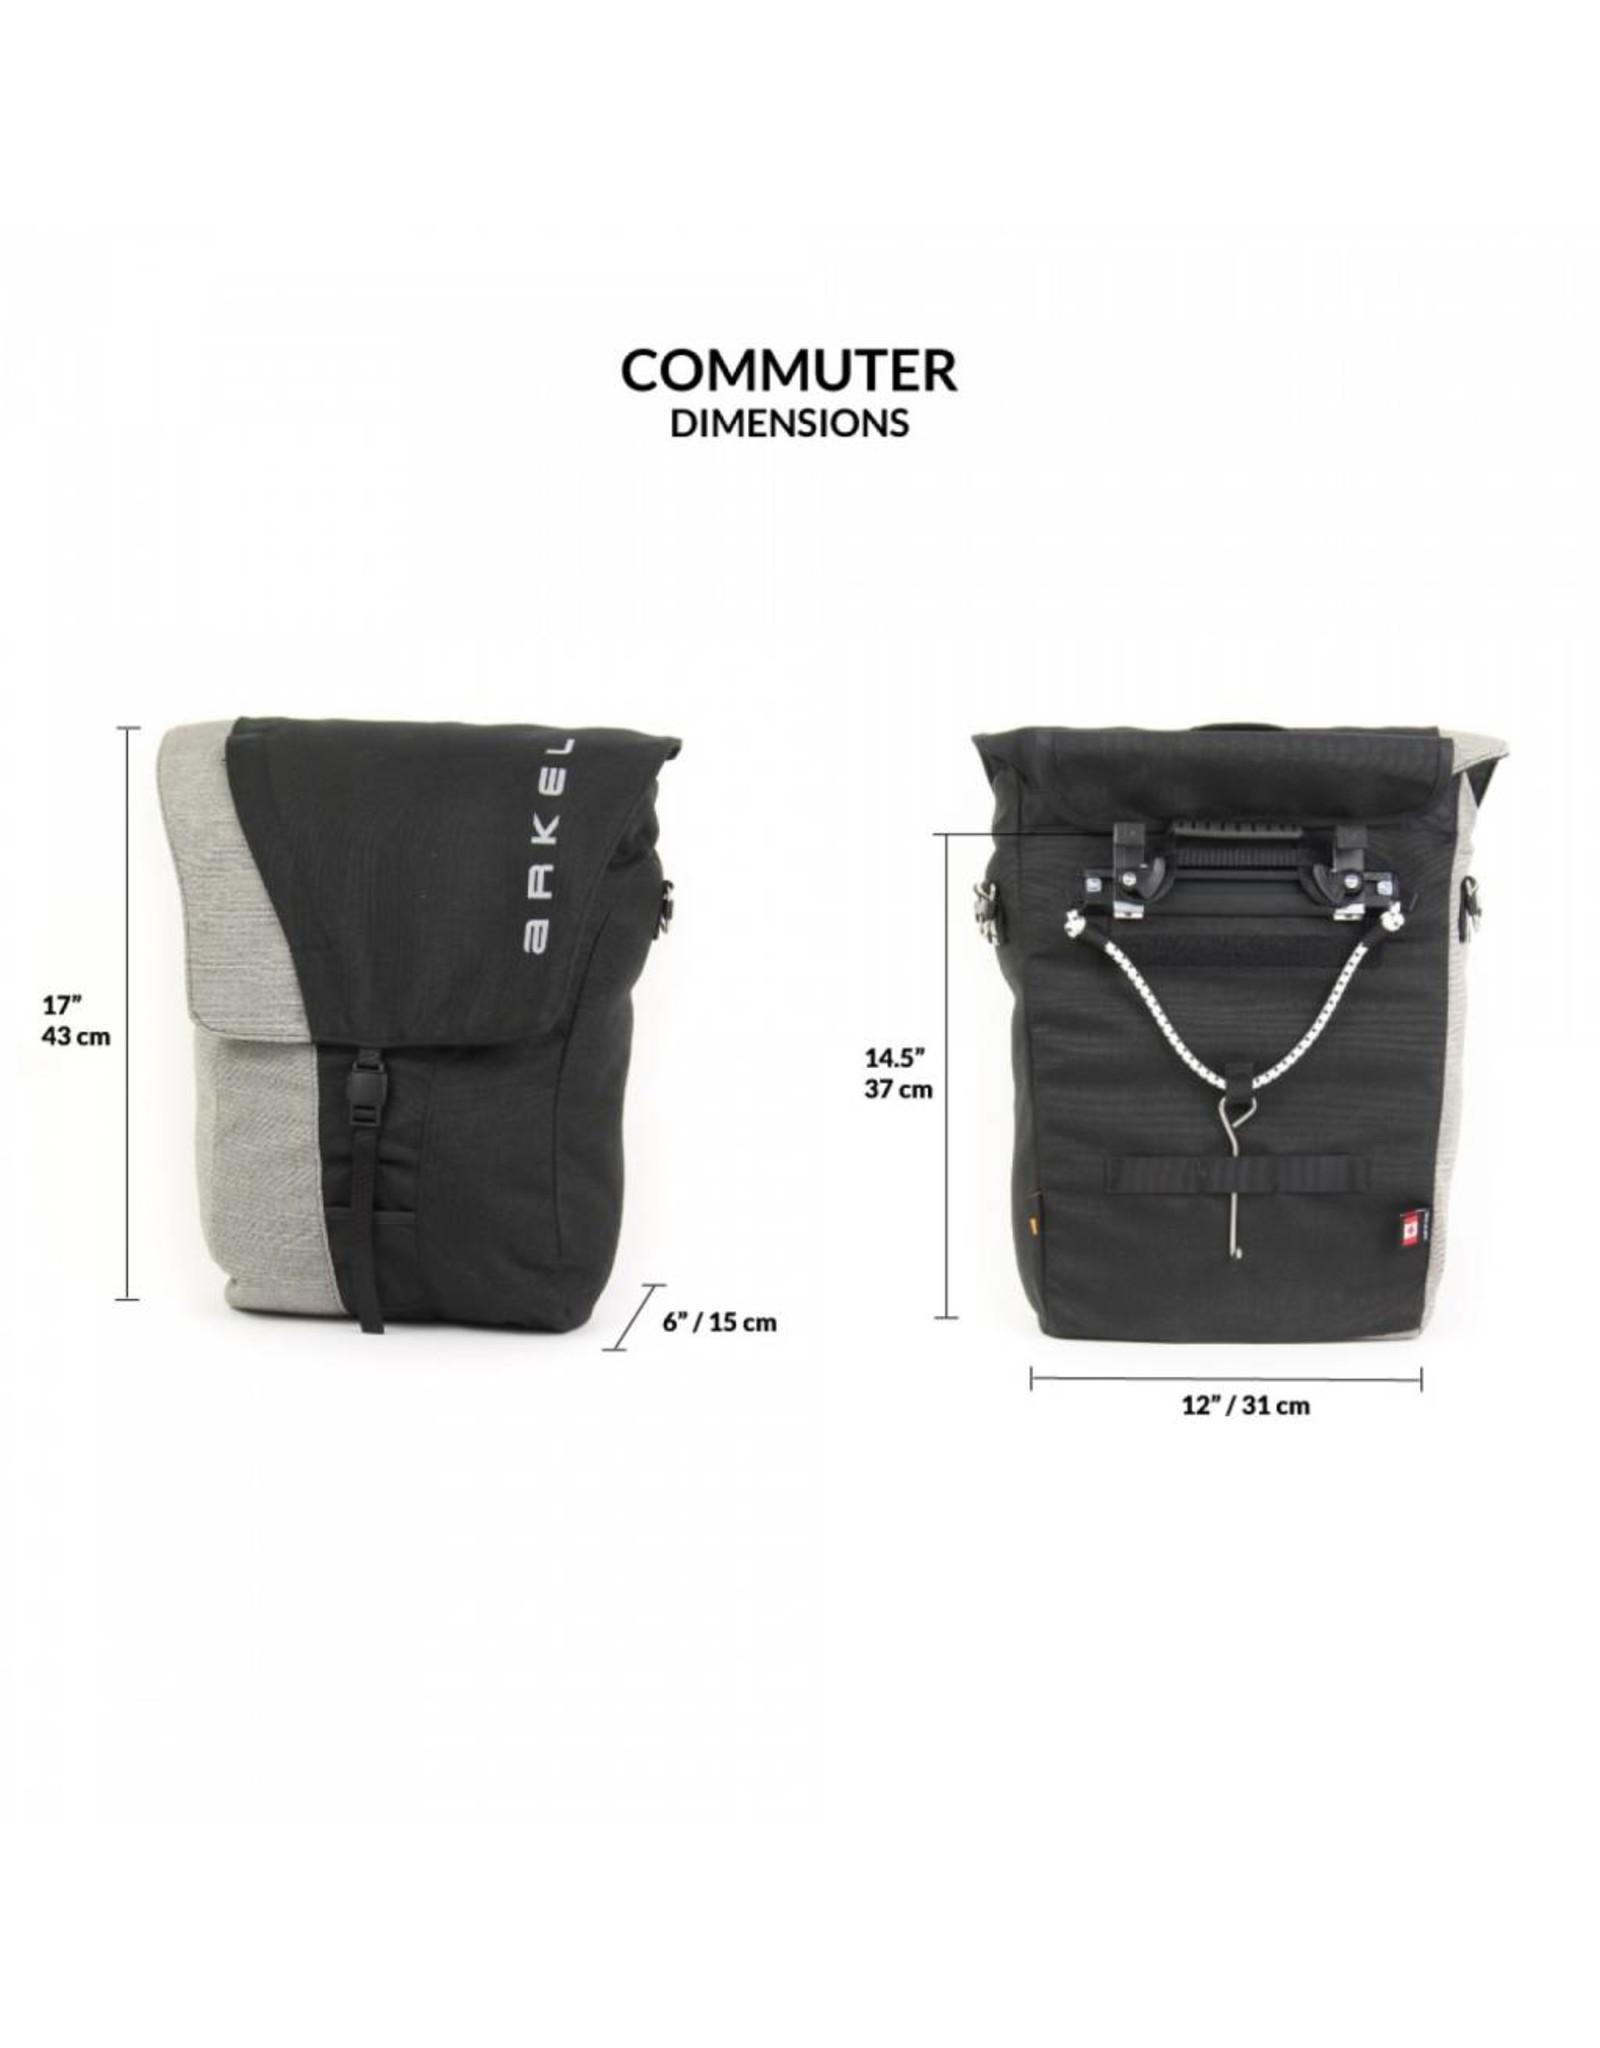 ARKEL Arkel The Commuter - Olive